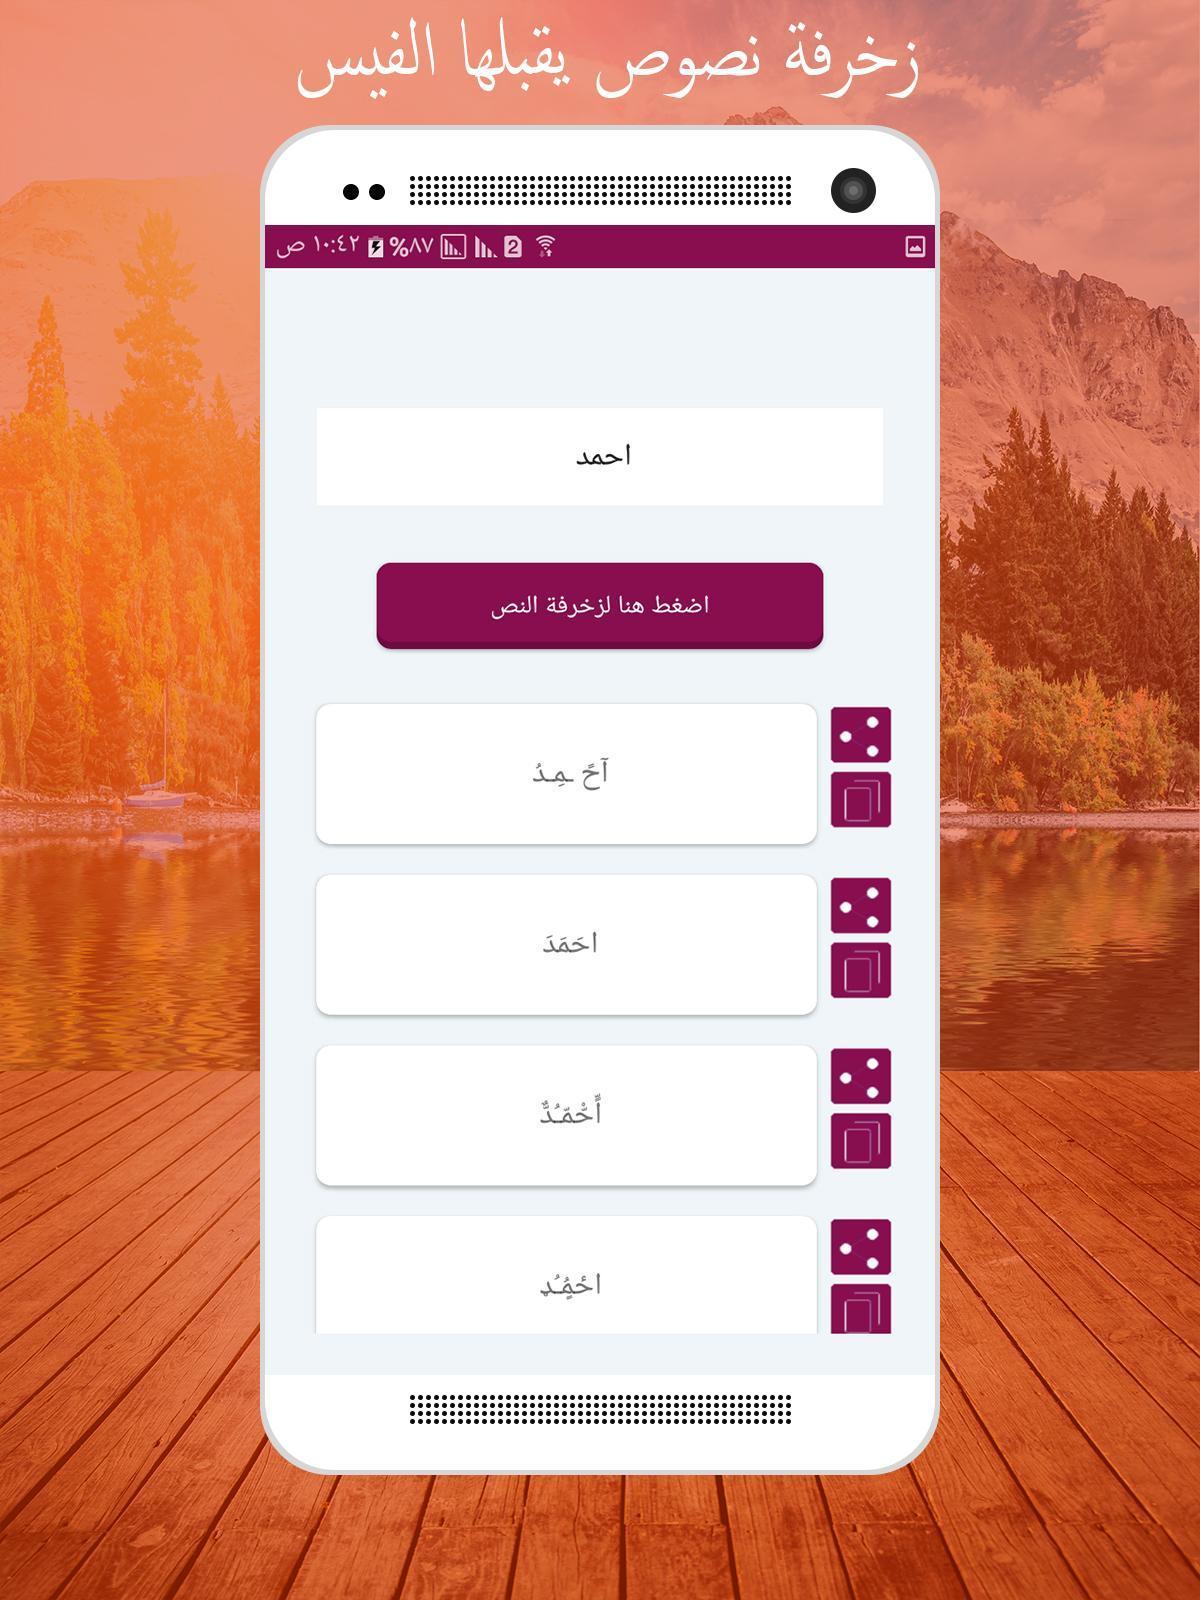 زخرفة أسماء يقبلها الفيس بوك ومنشورات 2018 For Android Apk Download